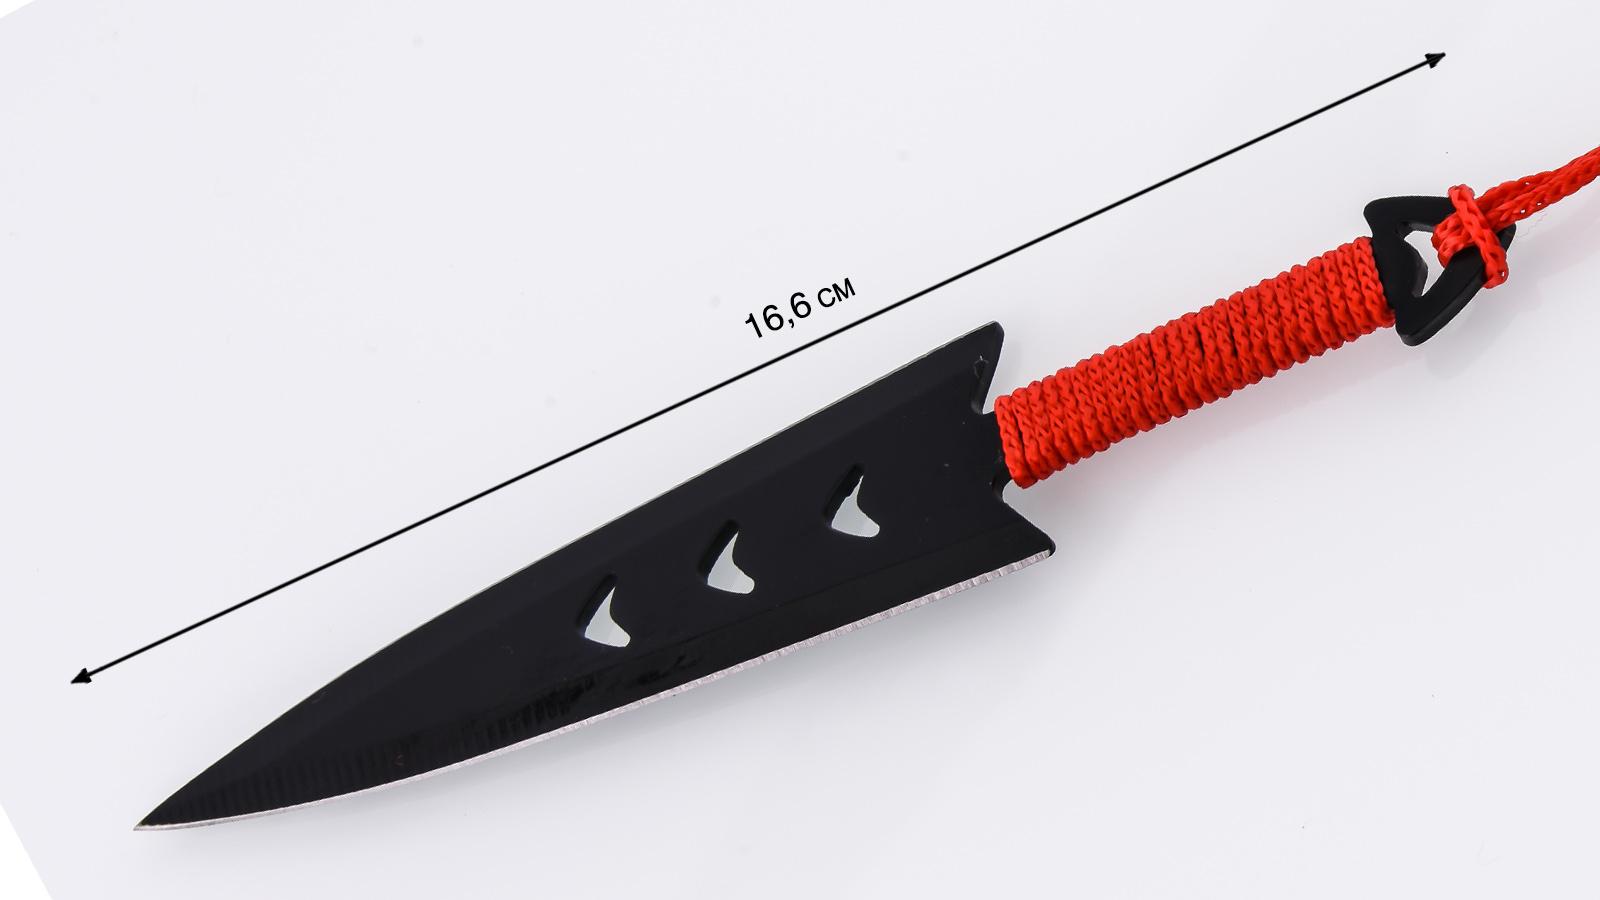 Купить ножи Perfect Point Black выгодно